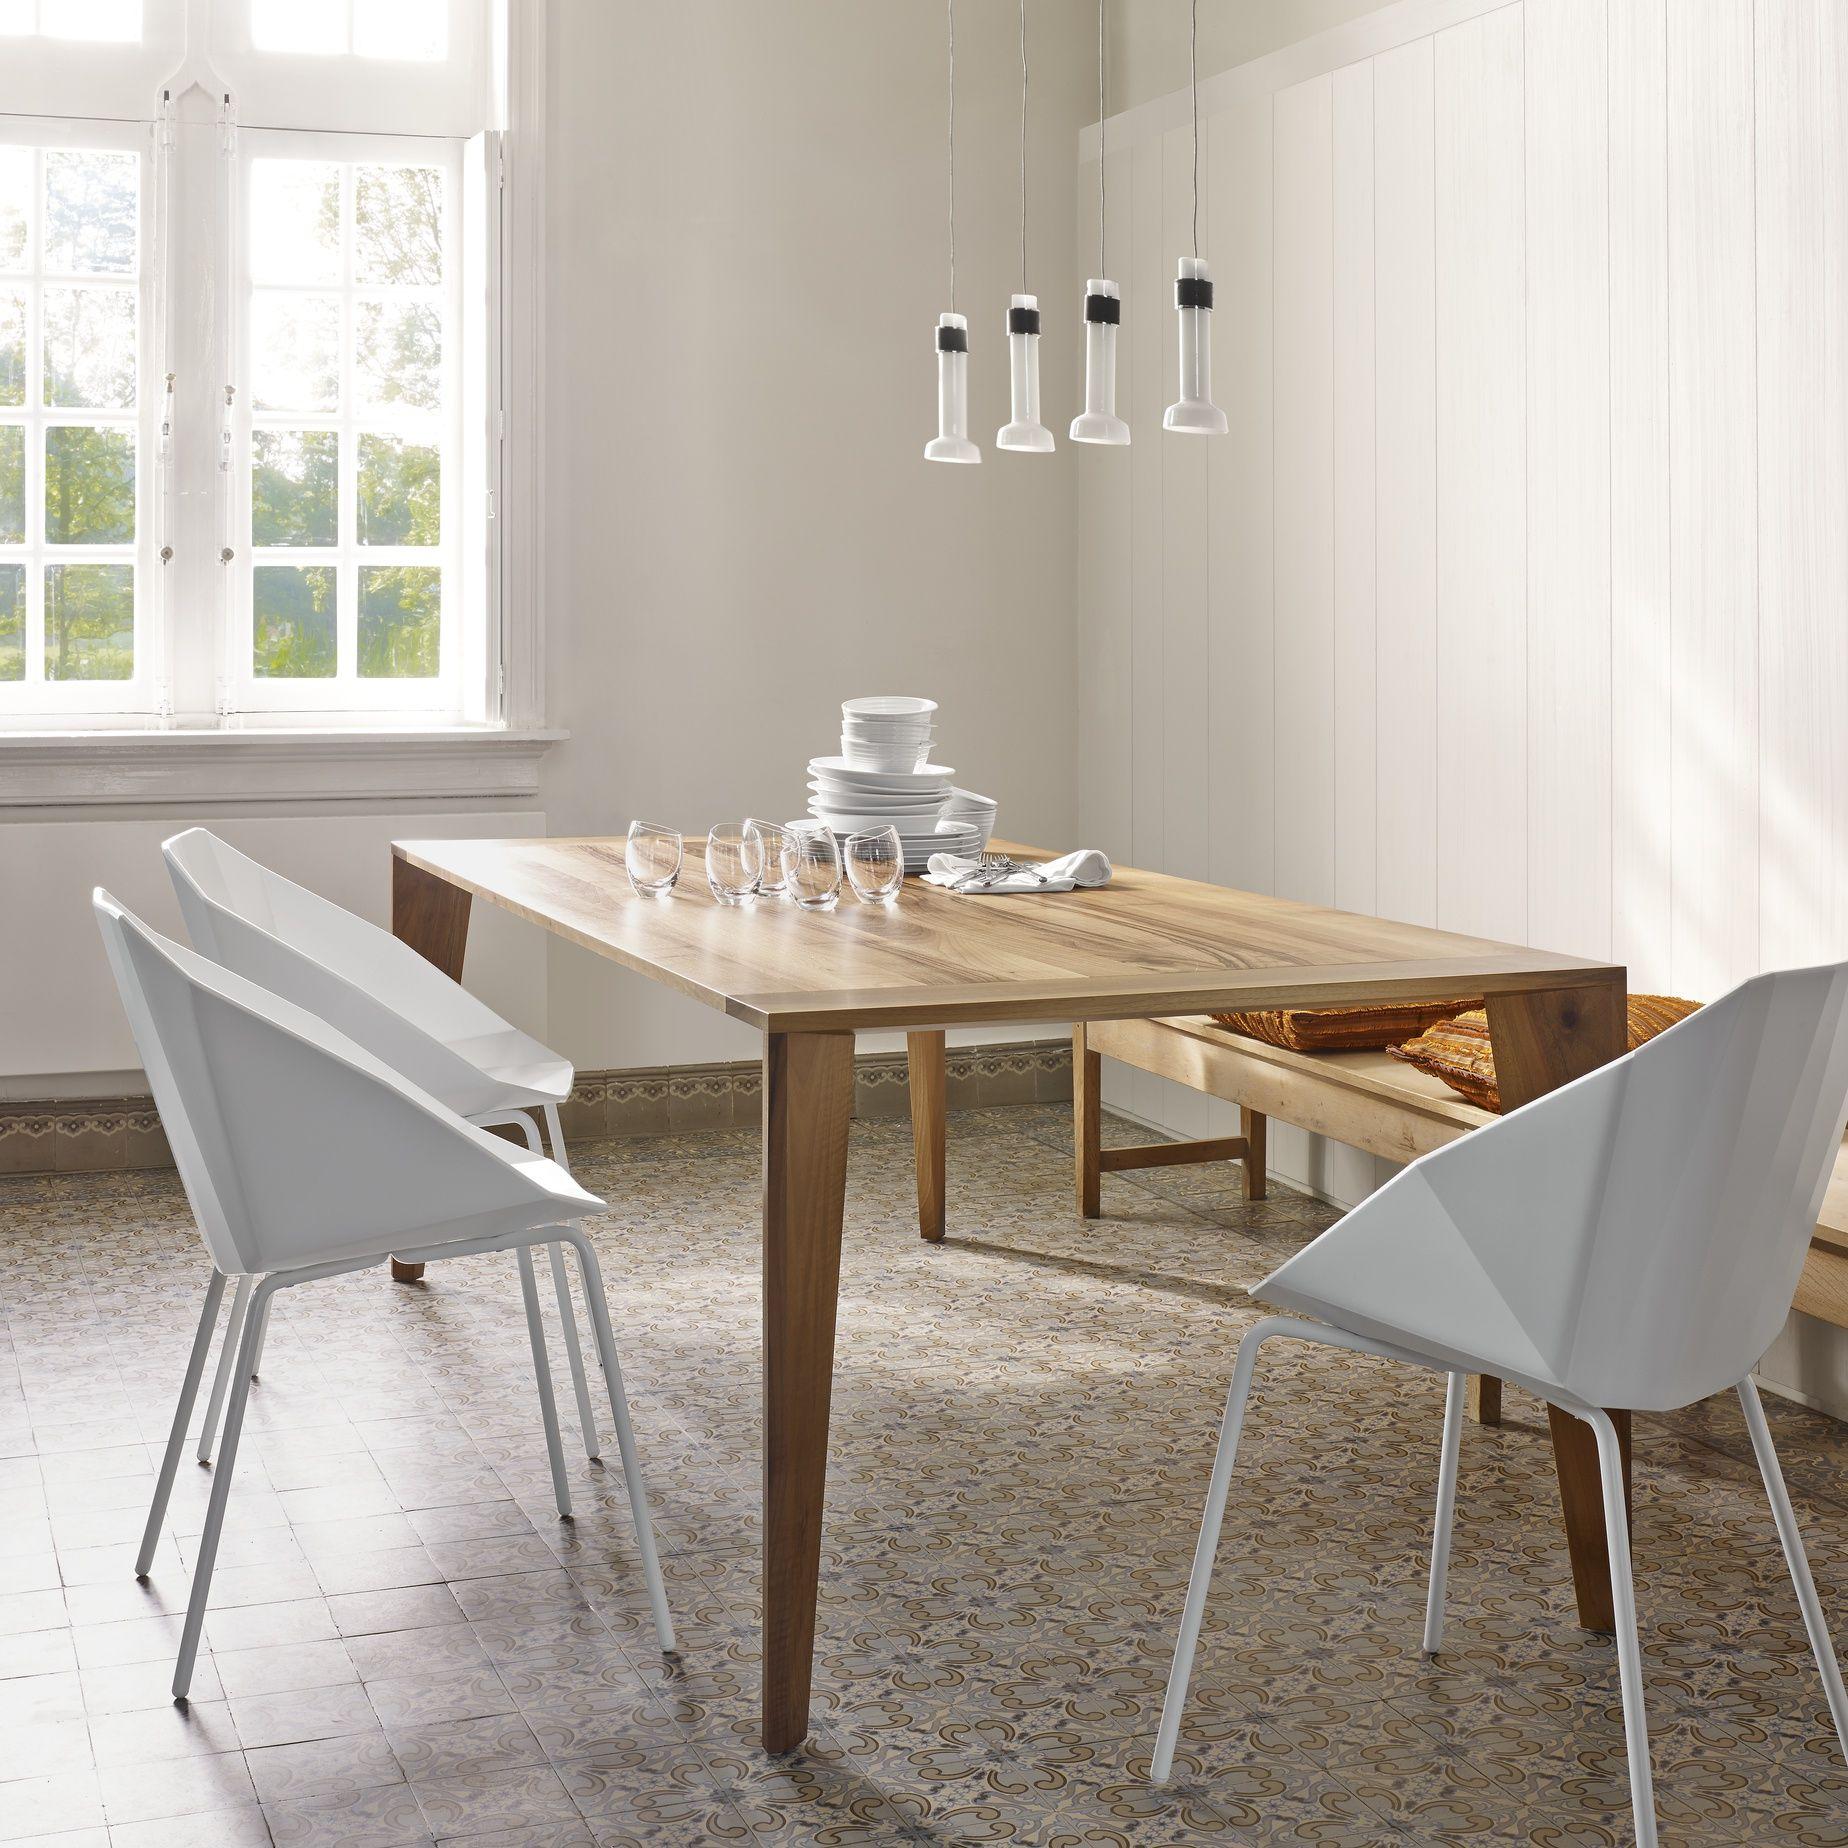 0dab08815bf43cb424ed06c9620bc595 Incroyable De Table Et Chaise De Cuisine Schème